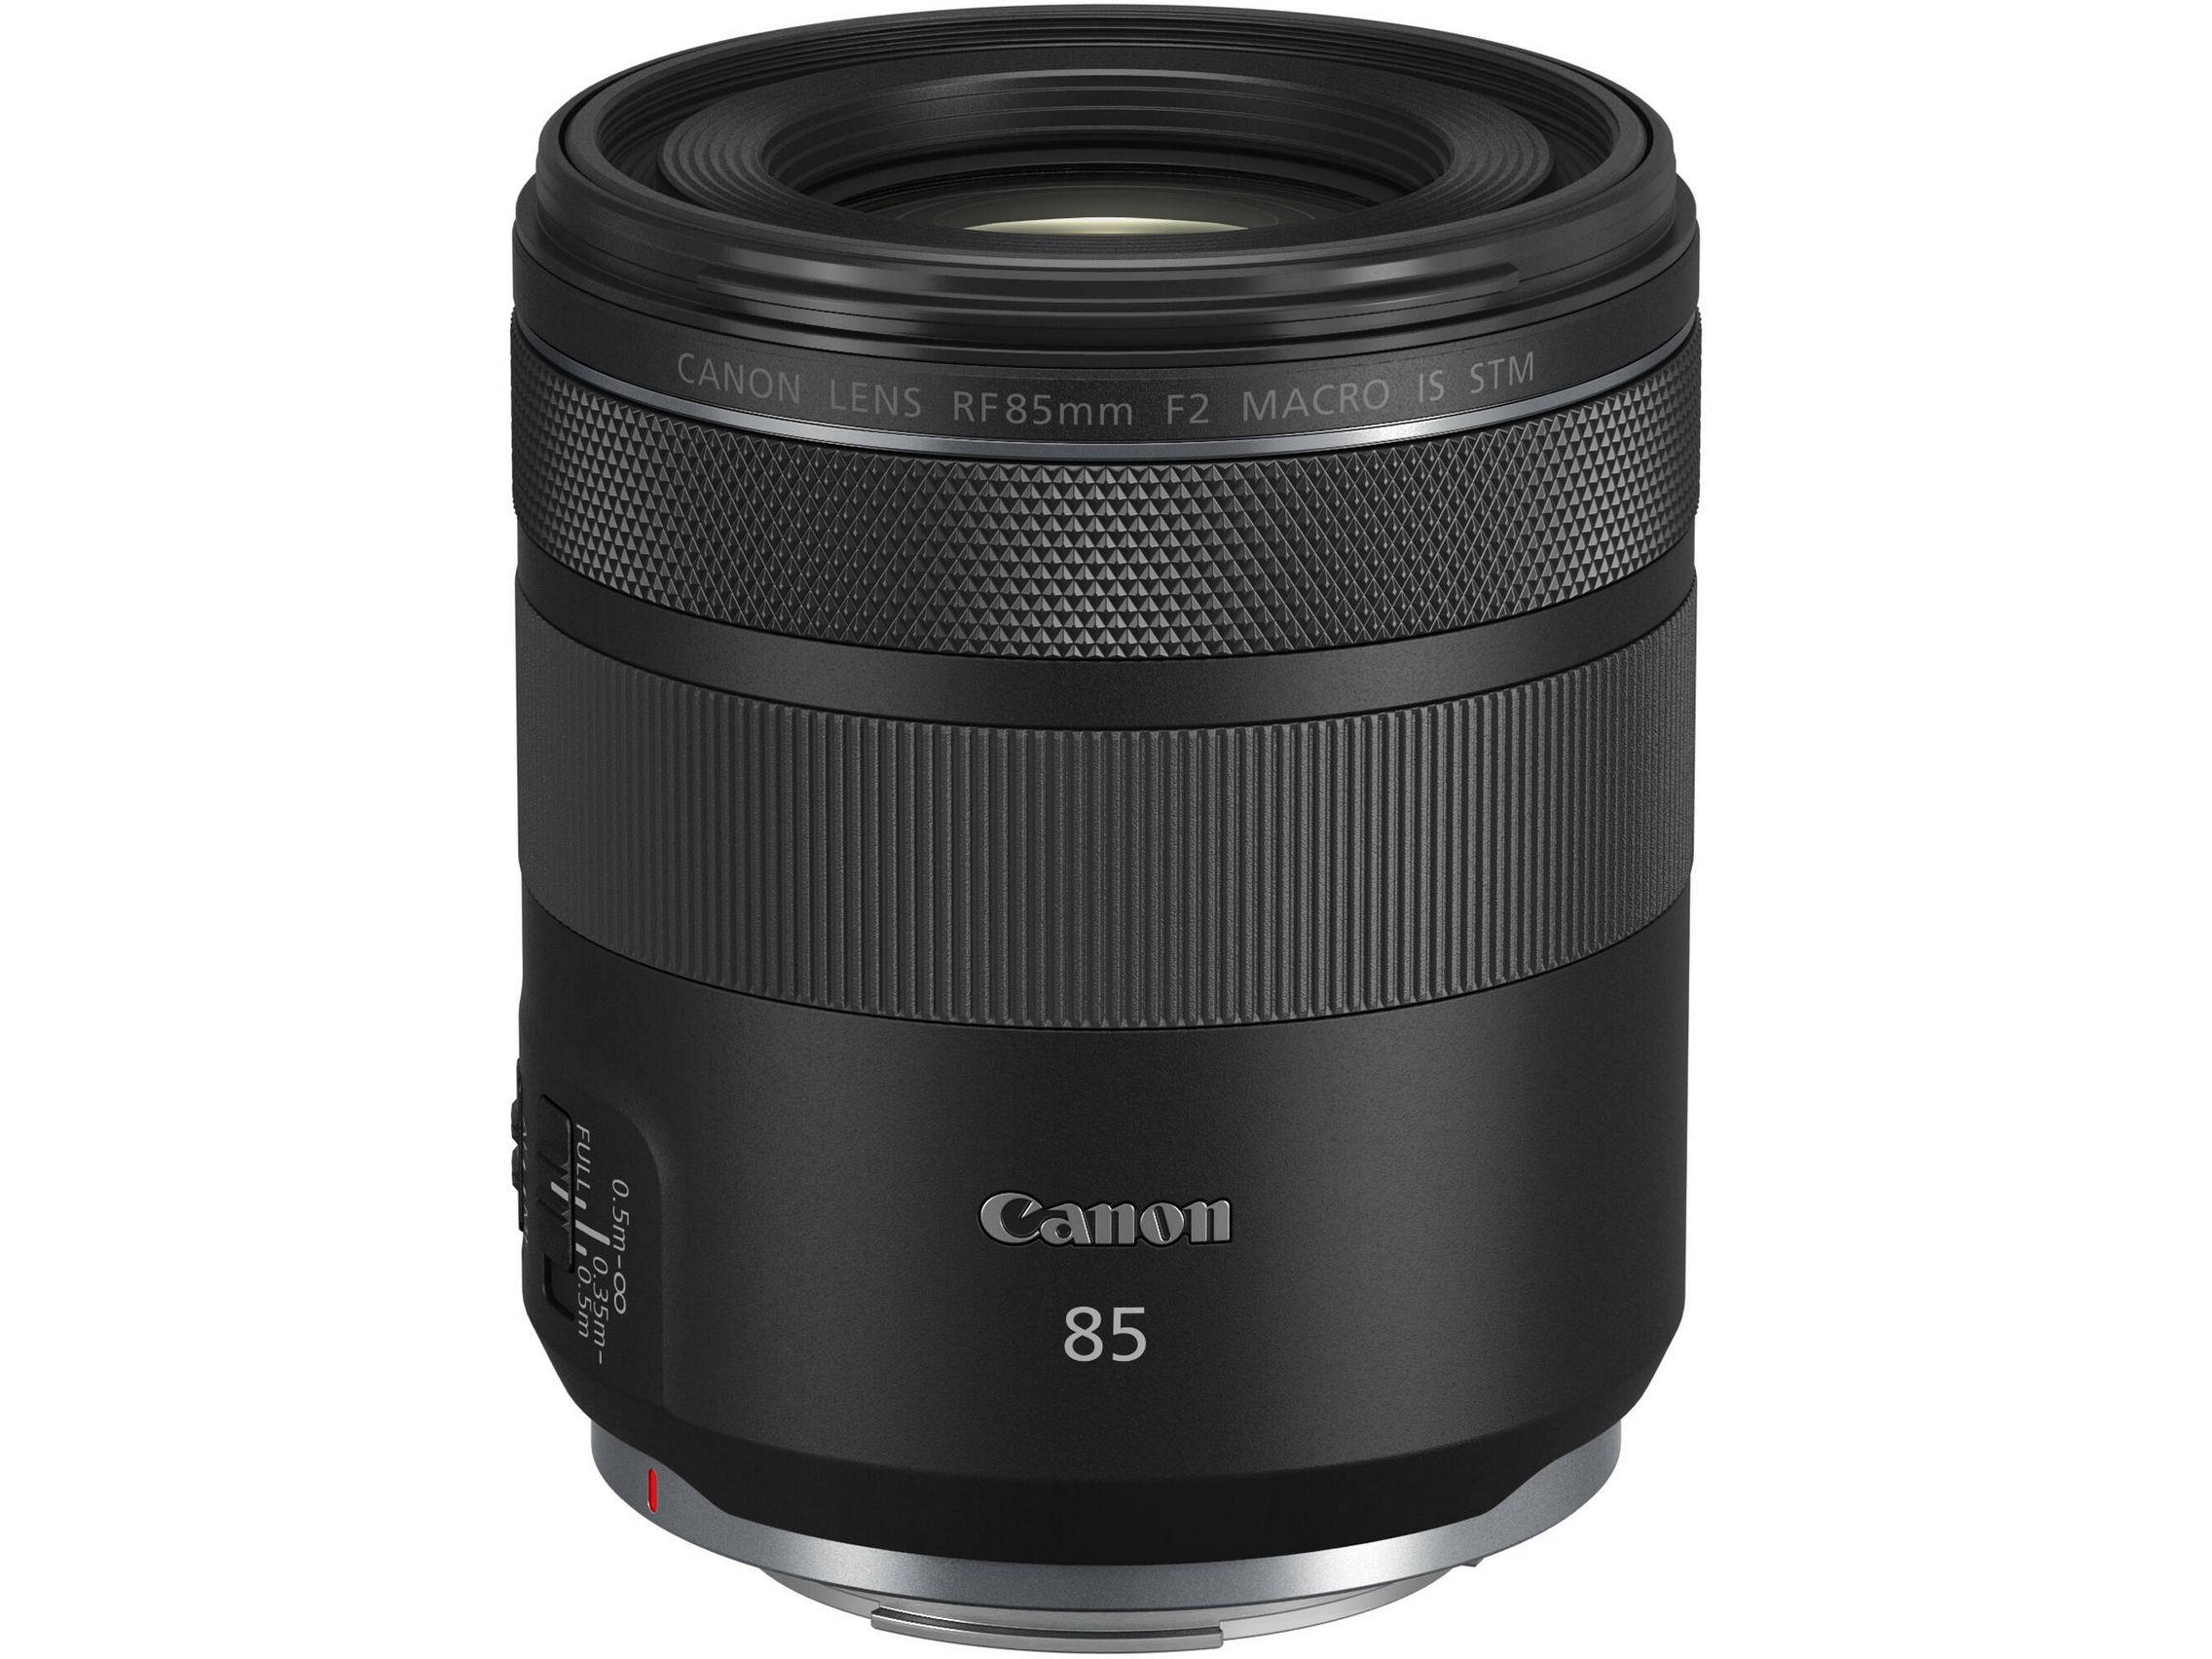 Canon Lens RF 85mm F2 MACRO IS STM